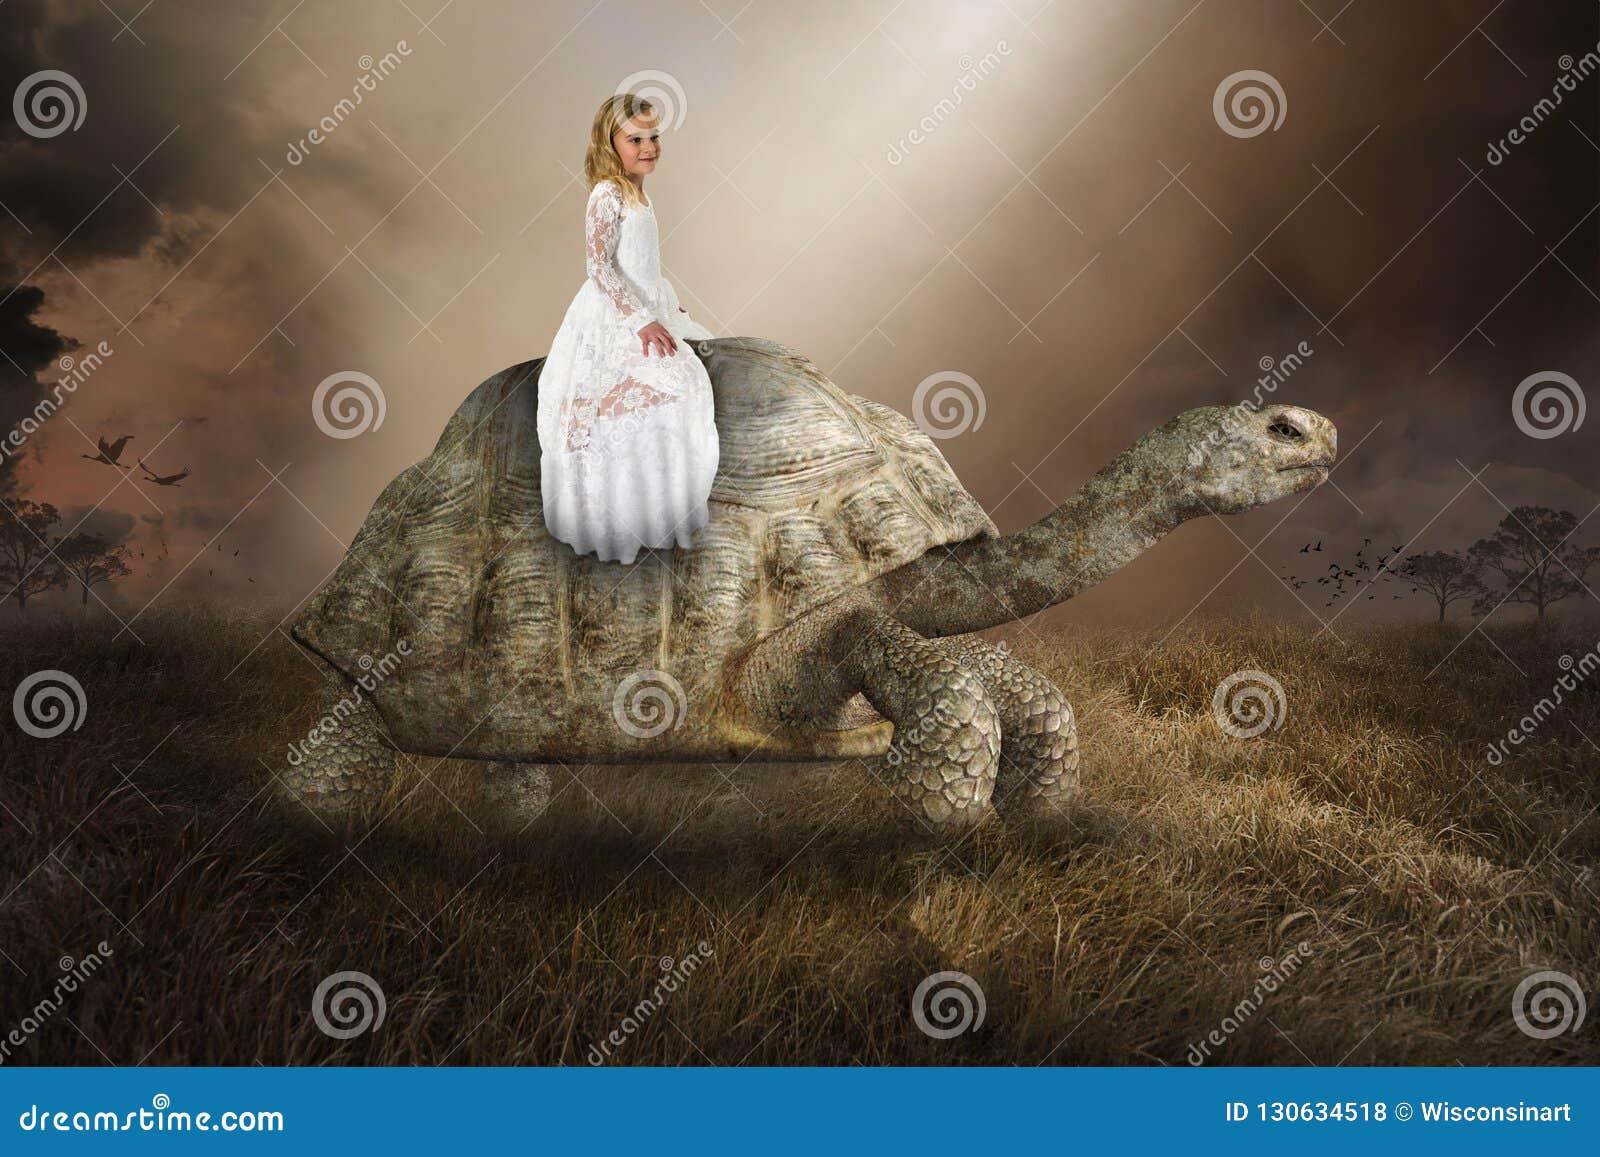 Overklig flicka, sköldpadda, sköldpadda, natur, fred, förälskelse